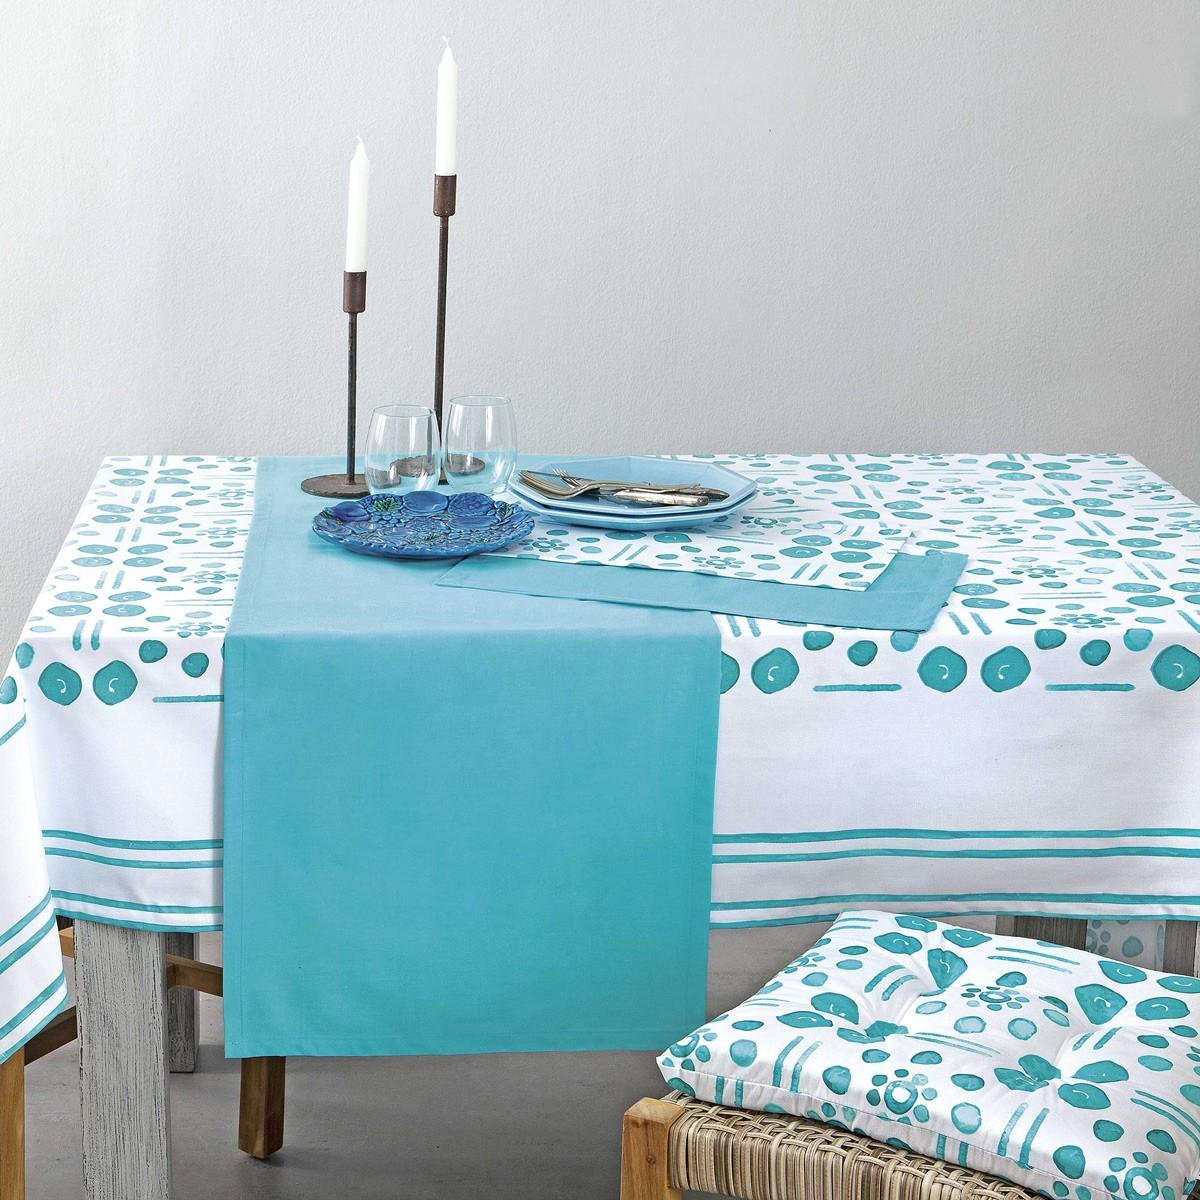 Τραπεζομάντηλο (150×150) Nima Table Linen Cyclades